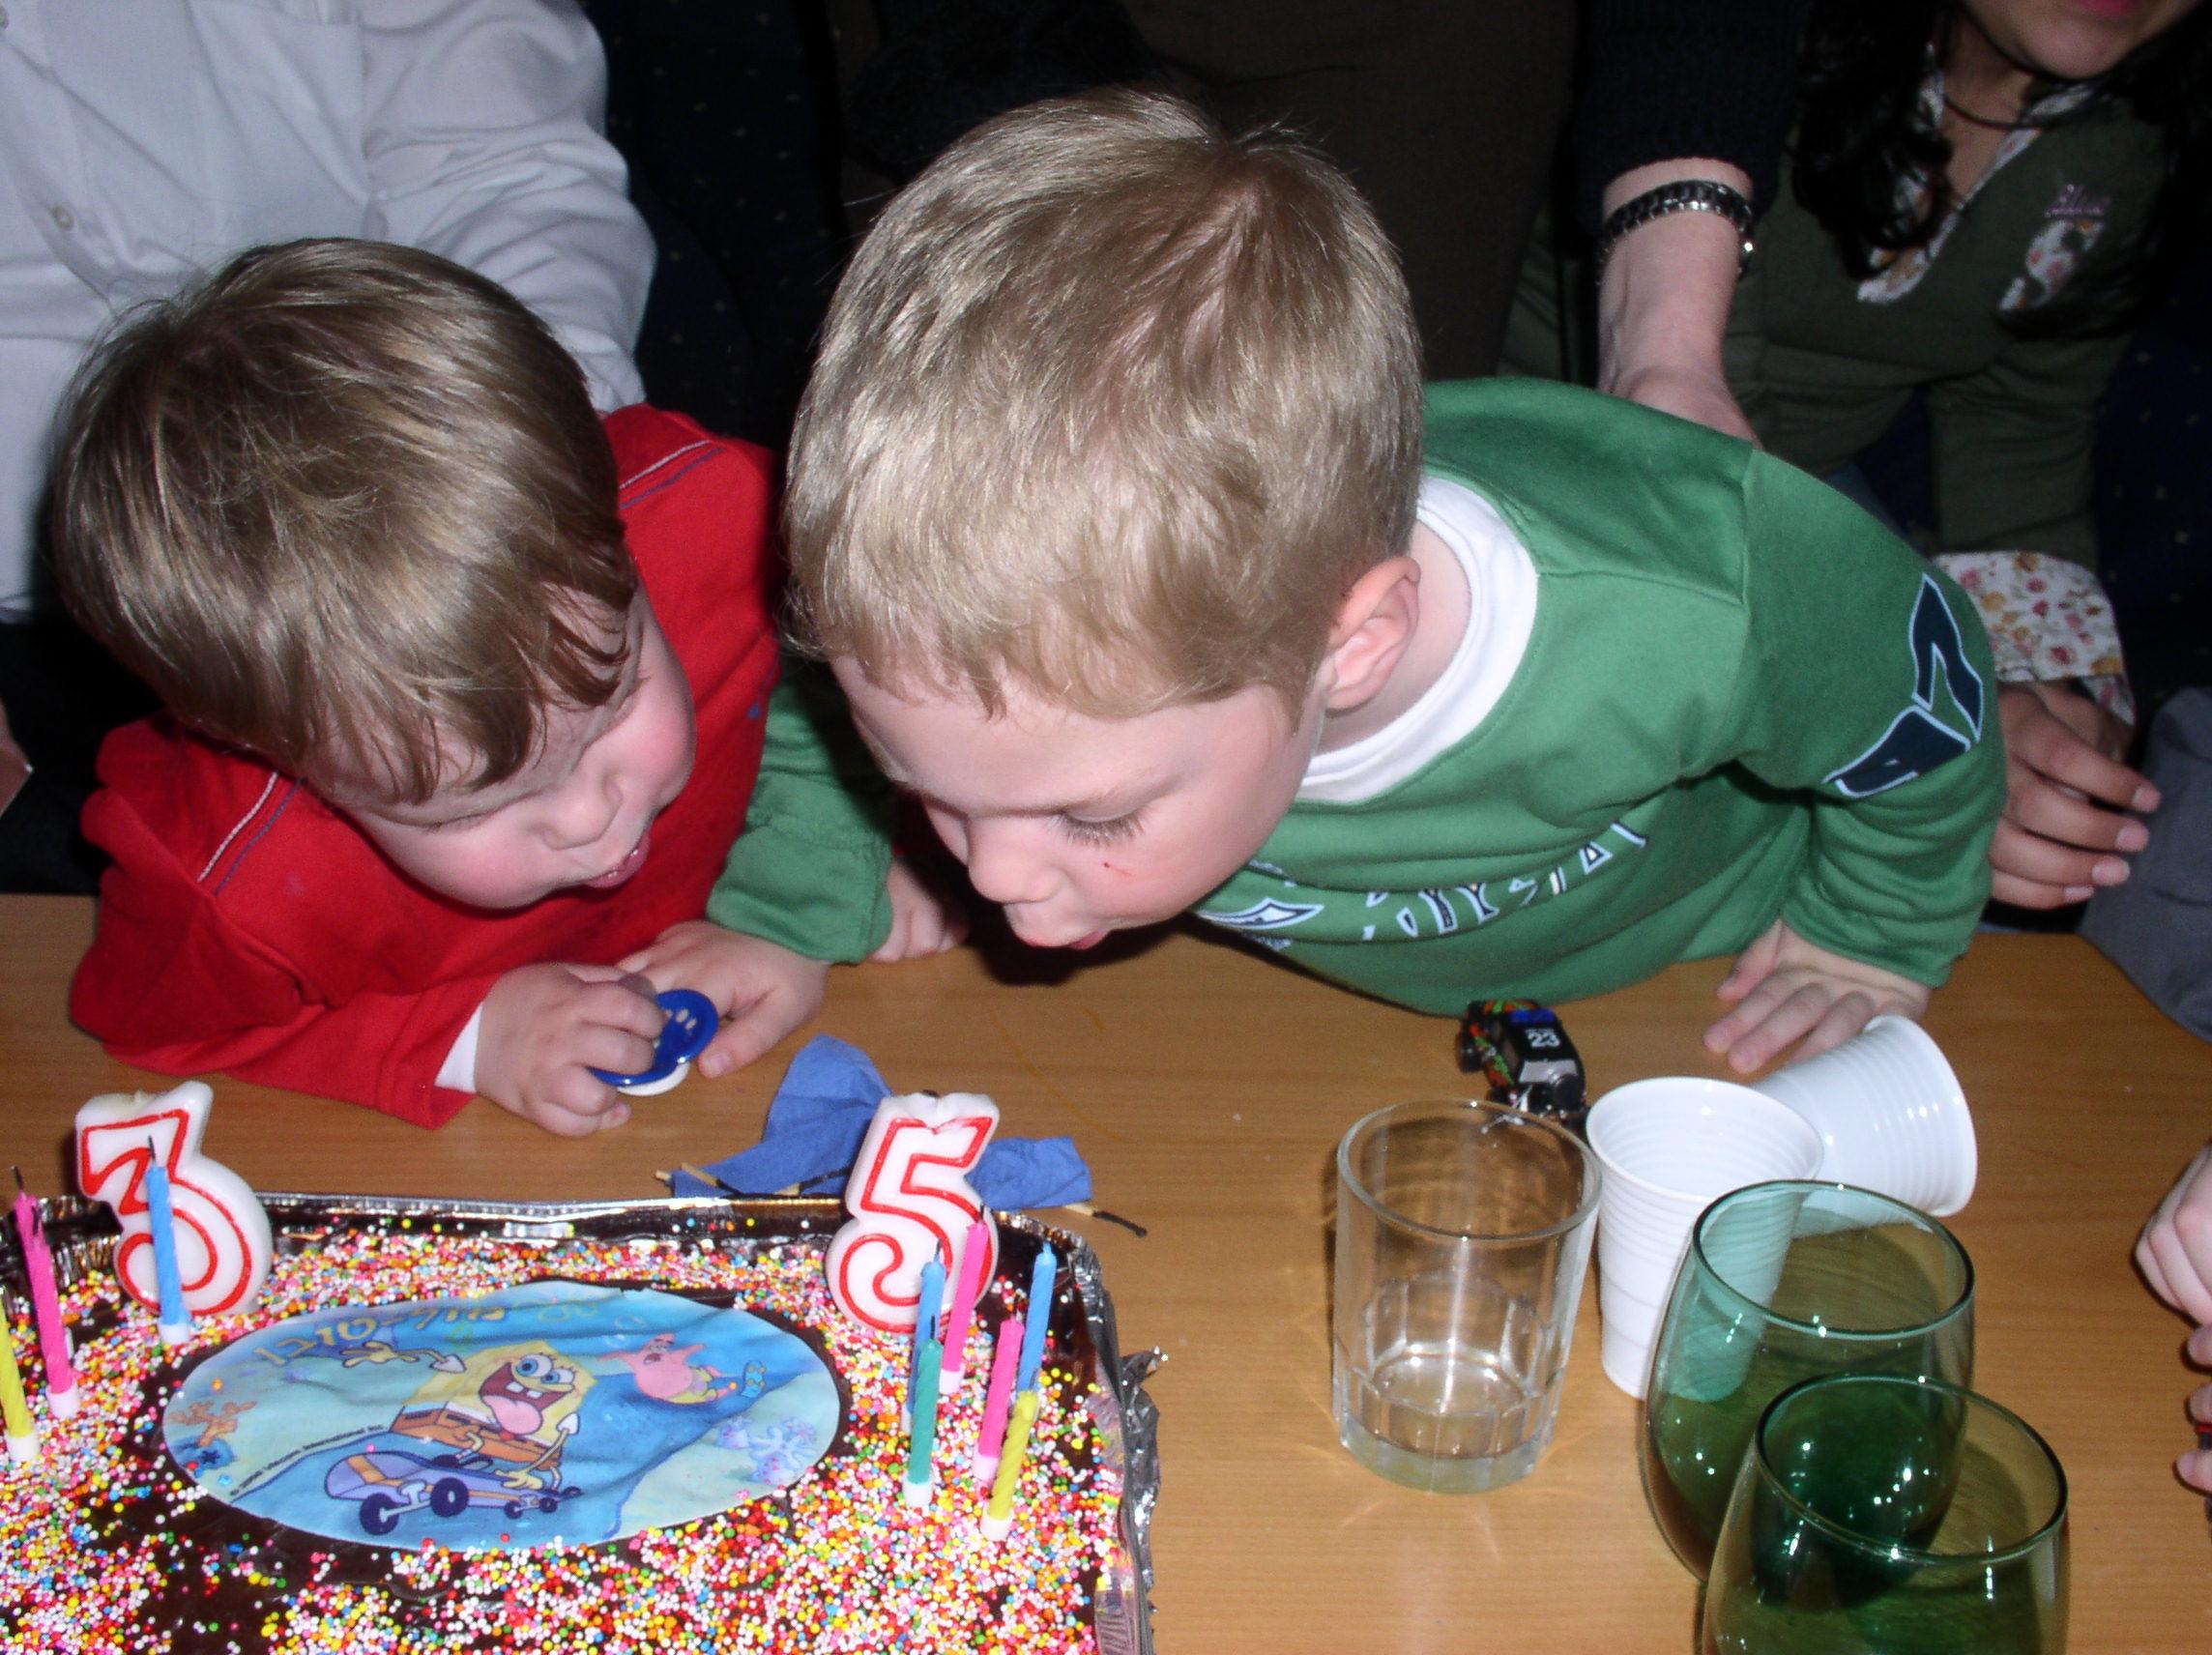 דור ועדי מכבים את הנרות בעוגה